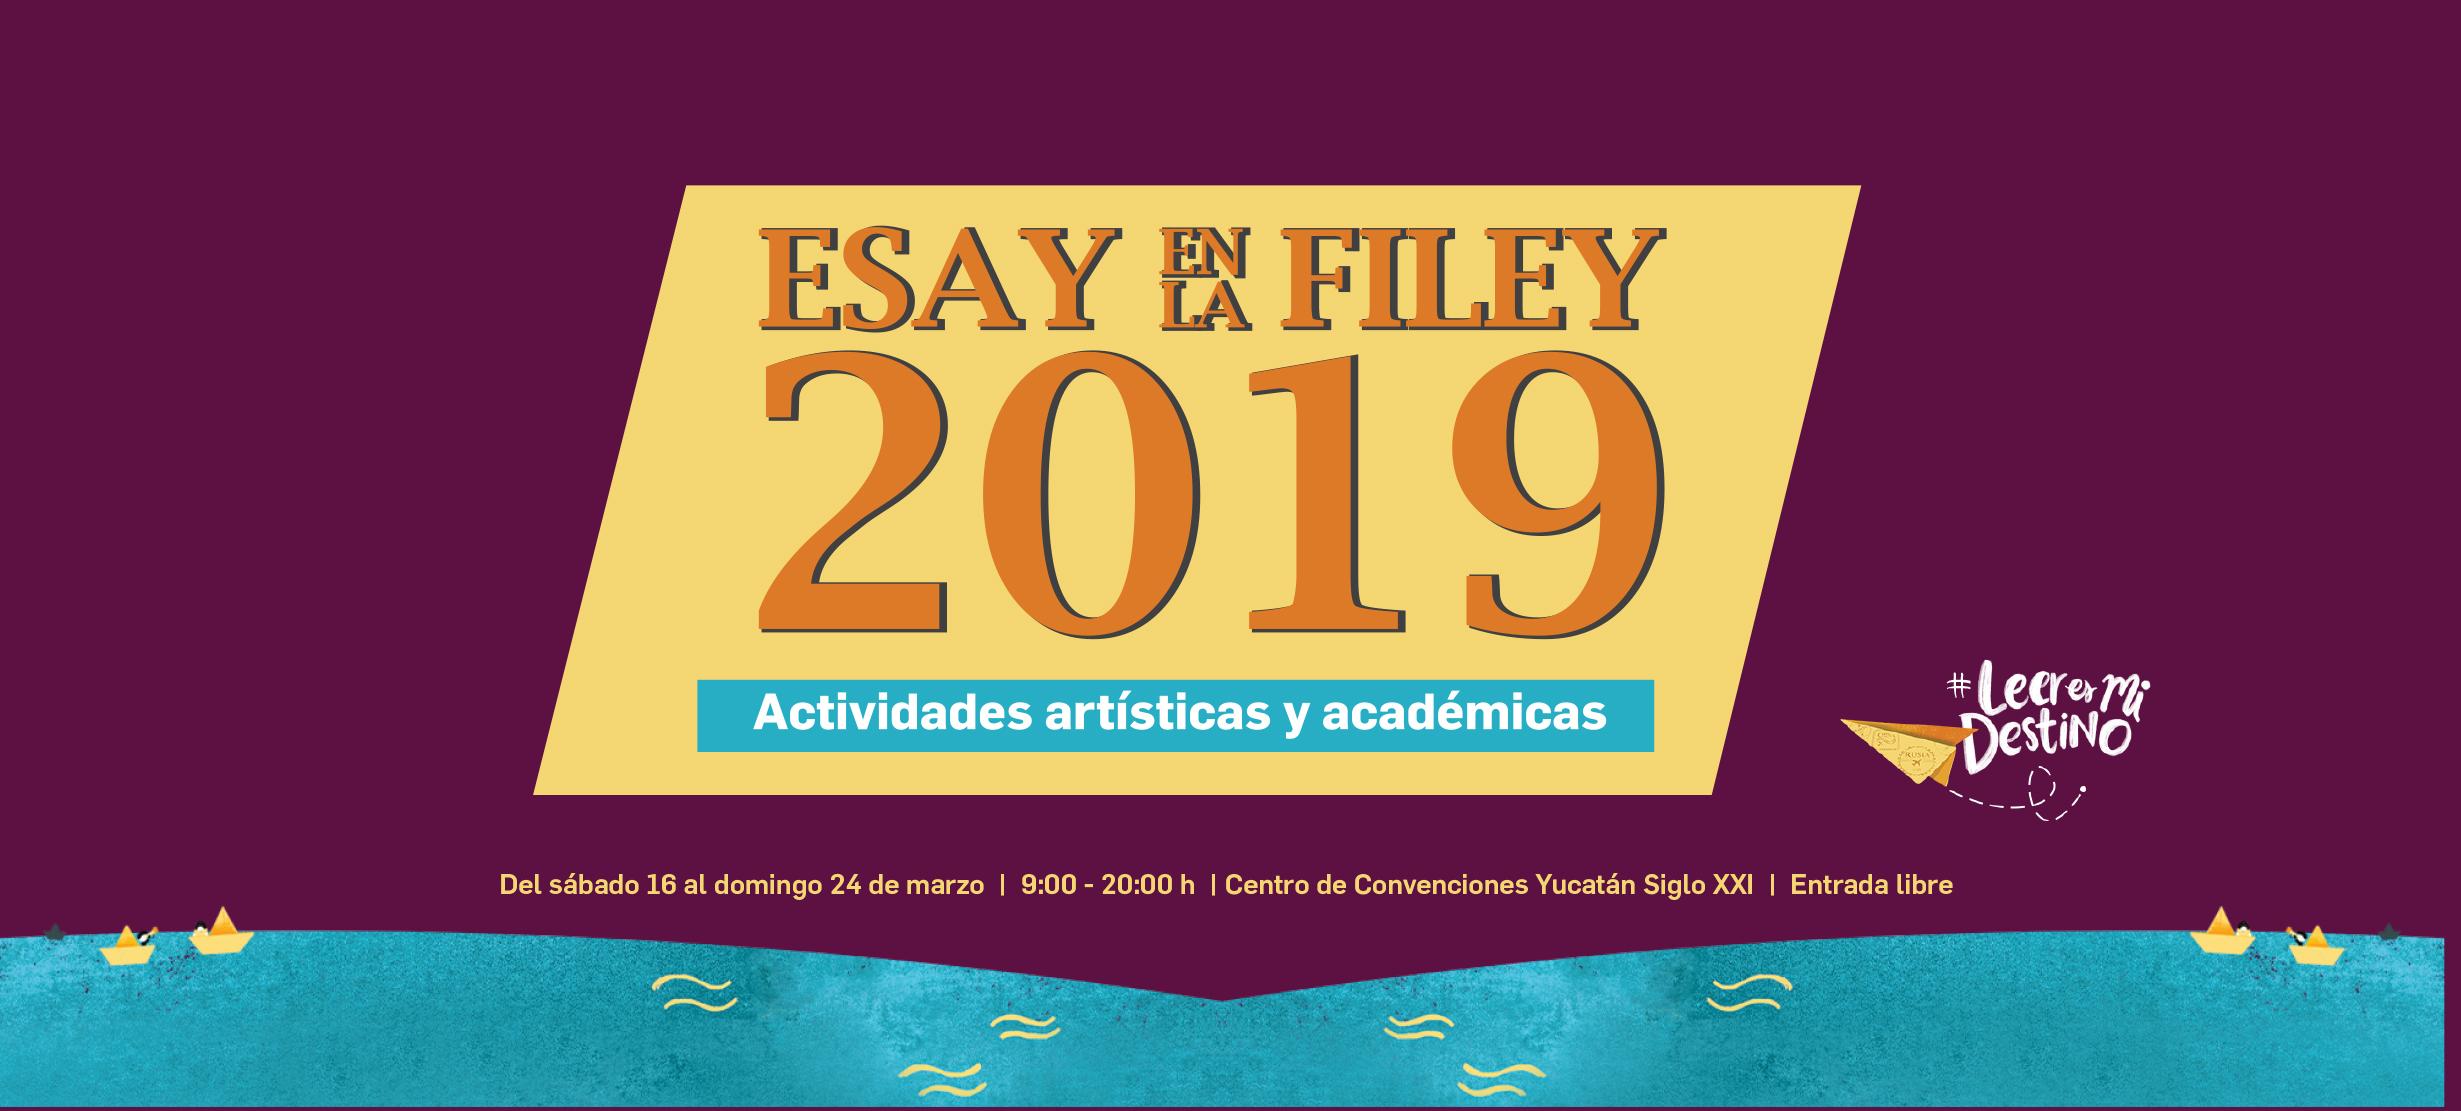 ESAY_FILEY